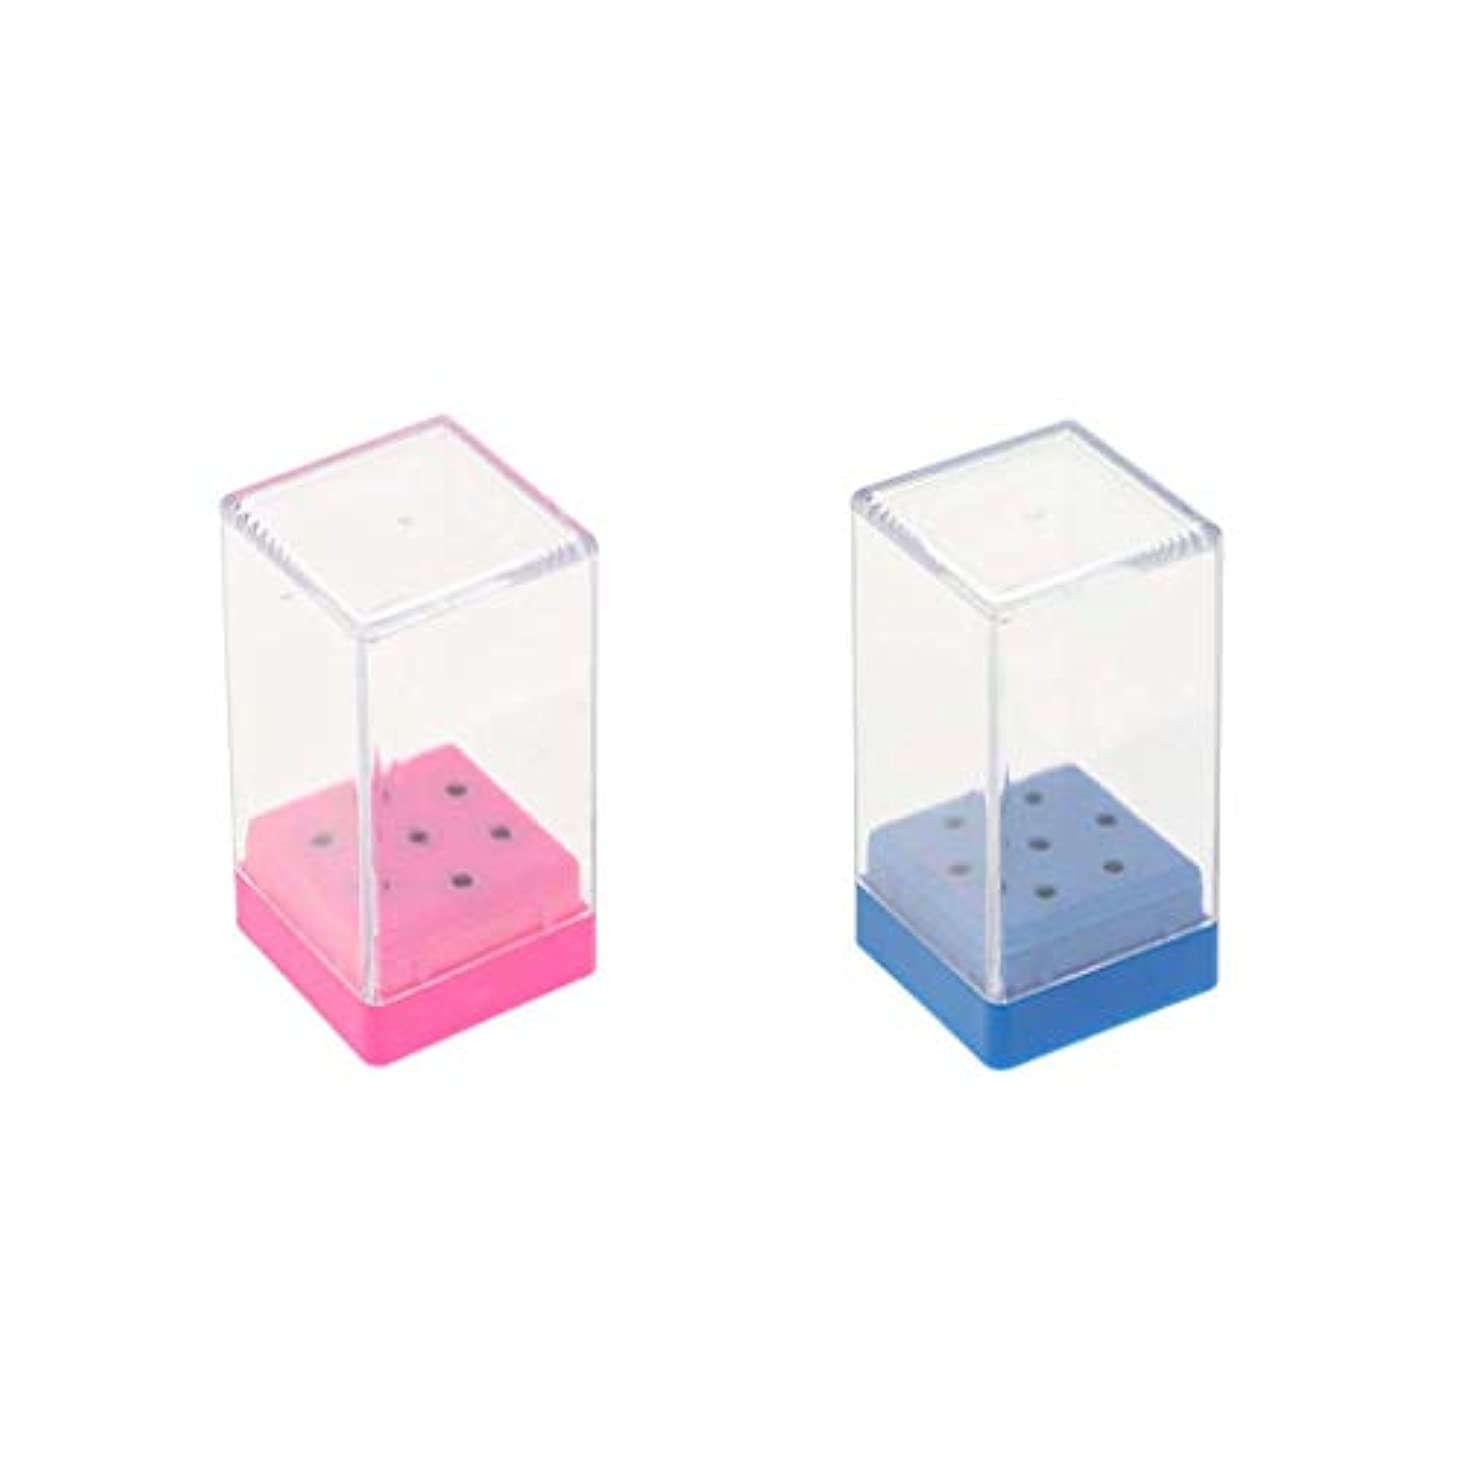 災難手荷物温度Hellery ミニサイズ ネイルドリルビットホルダー 透明 プラスチックカバー付き 2ピース